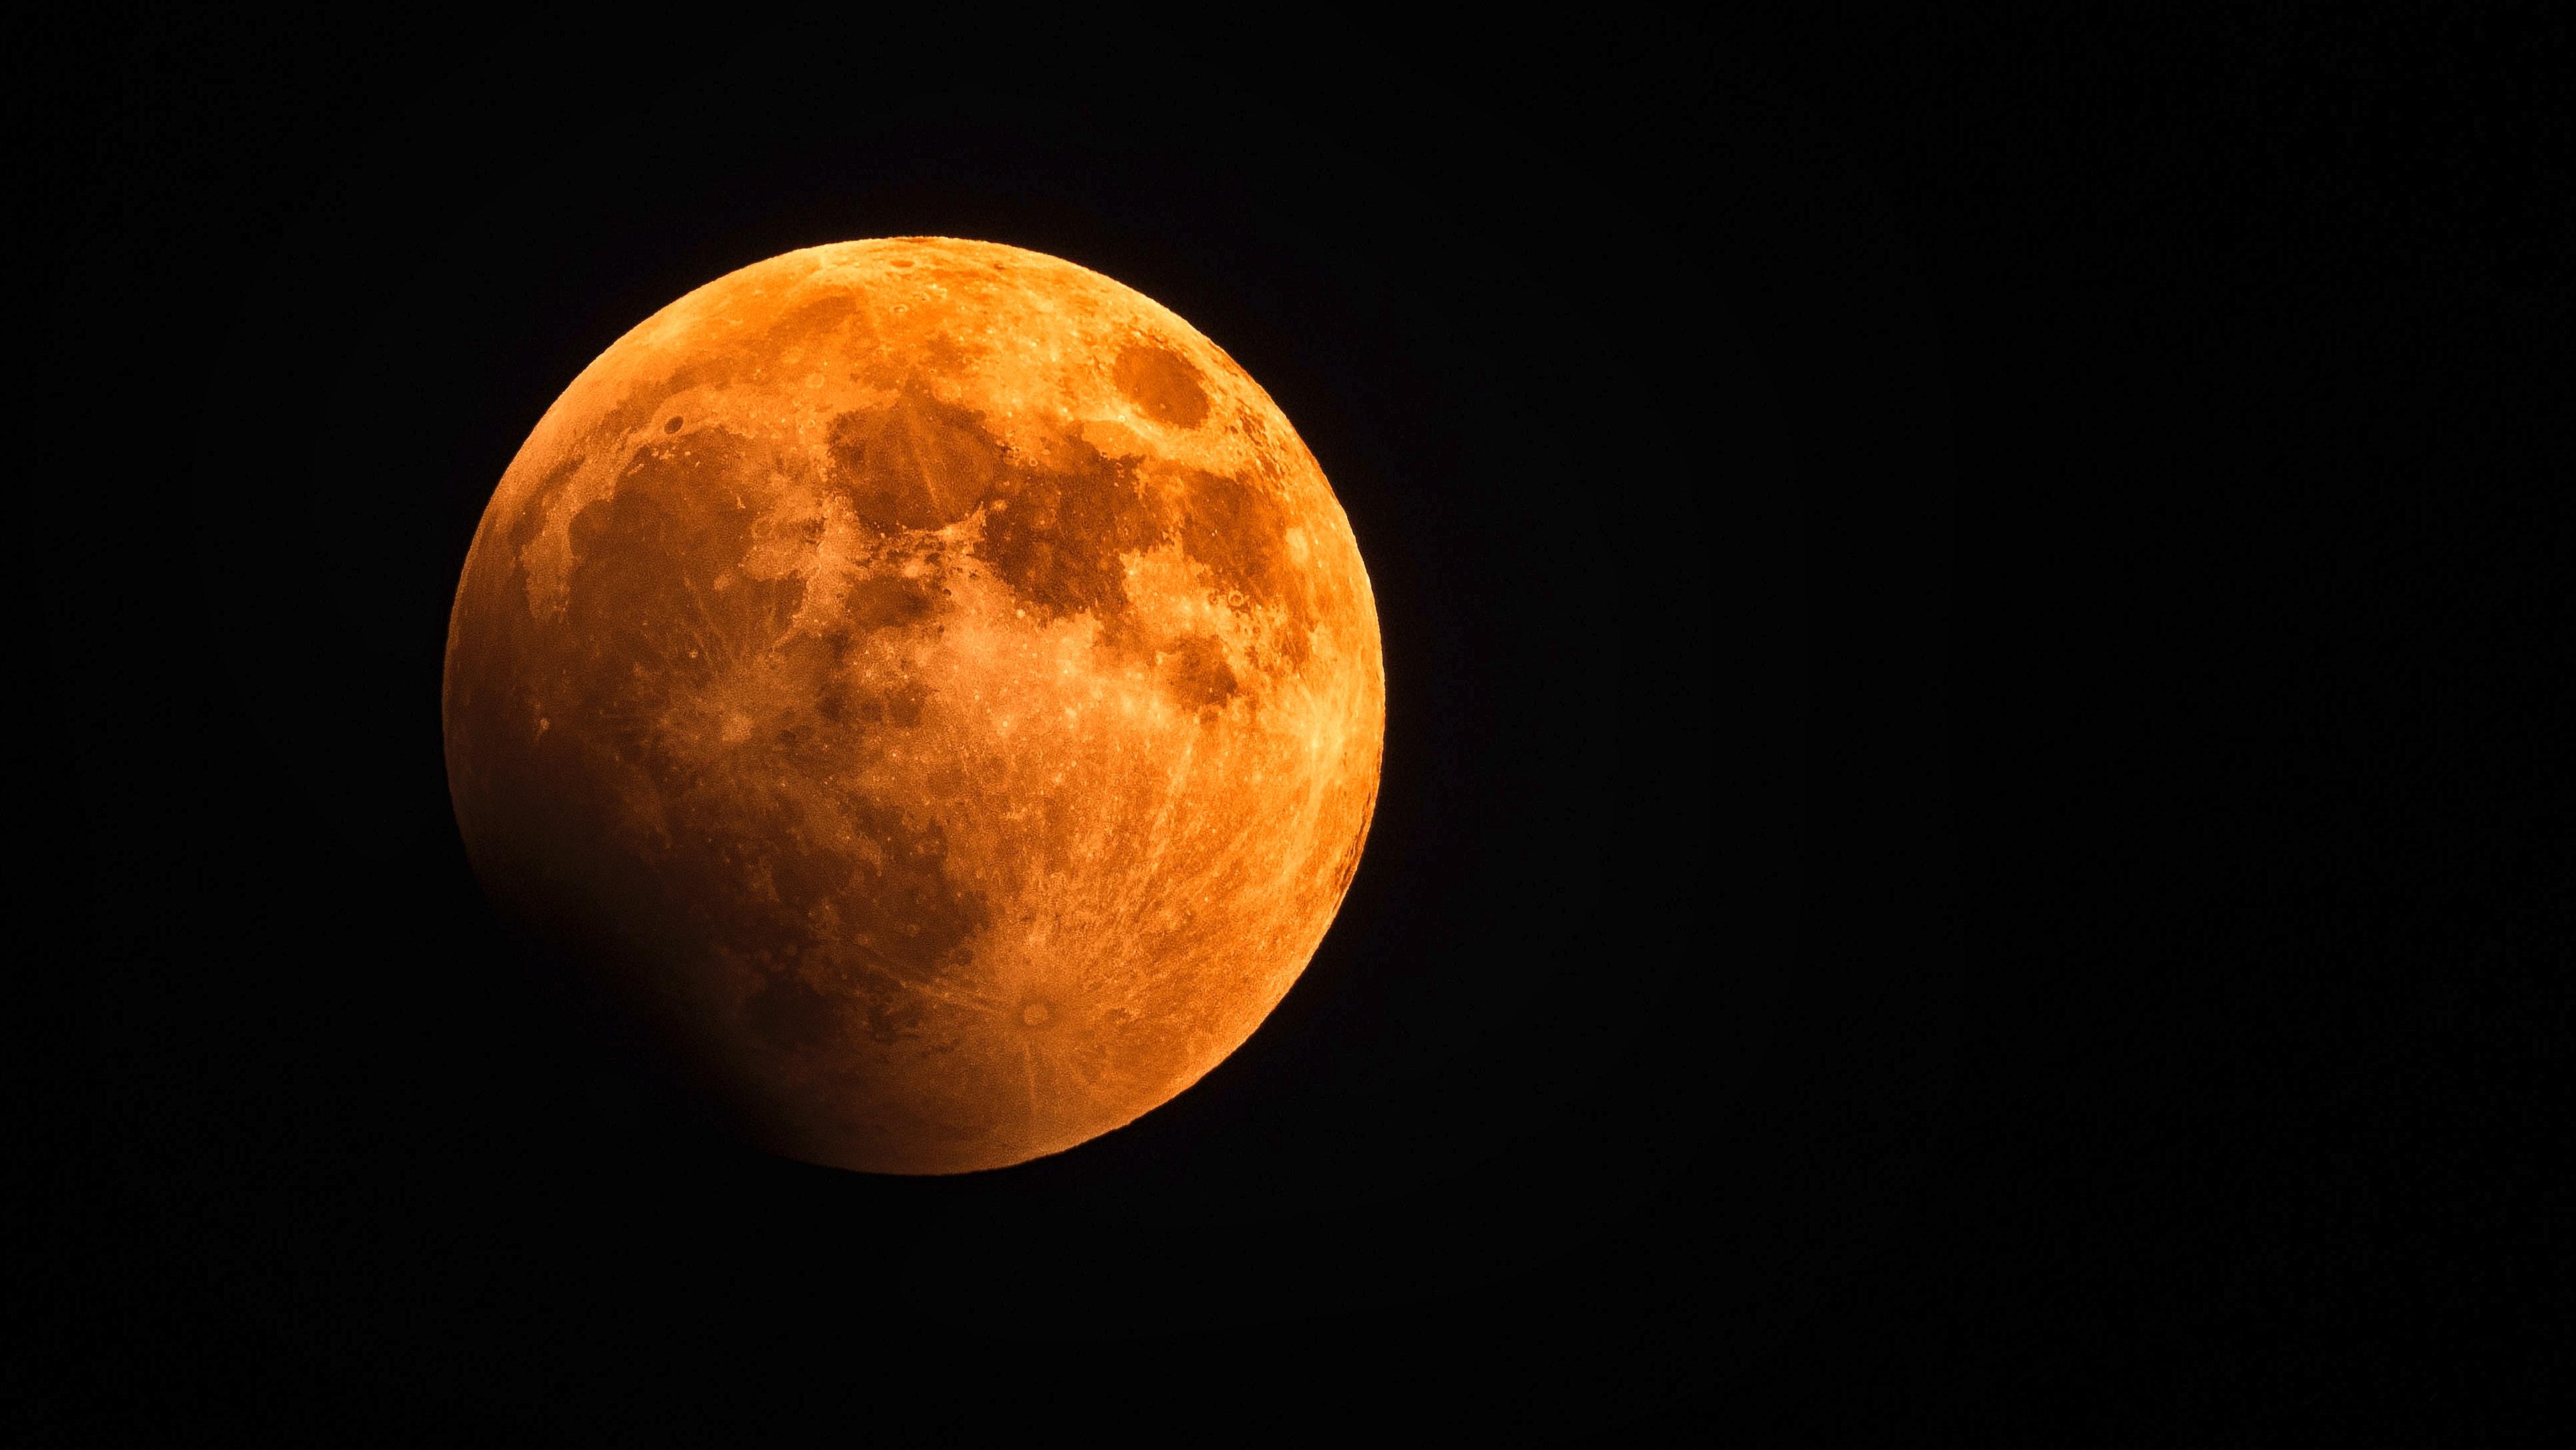 La luna de sangre suele despertar algunas creencias y mitos (Foto Prensa Libre: Servicios / Pexels).